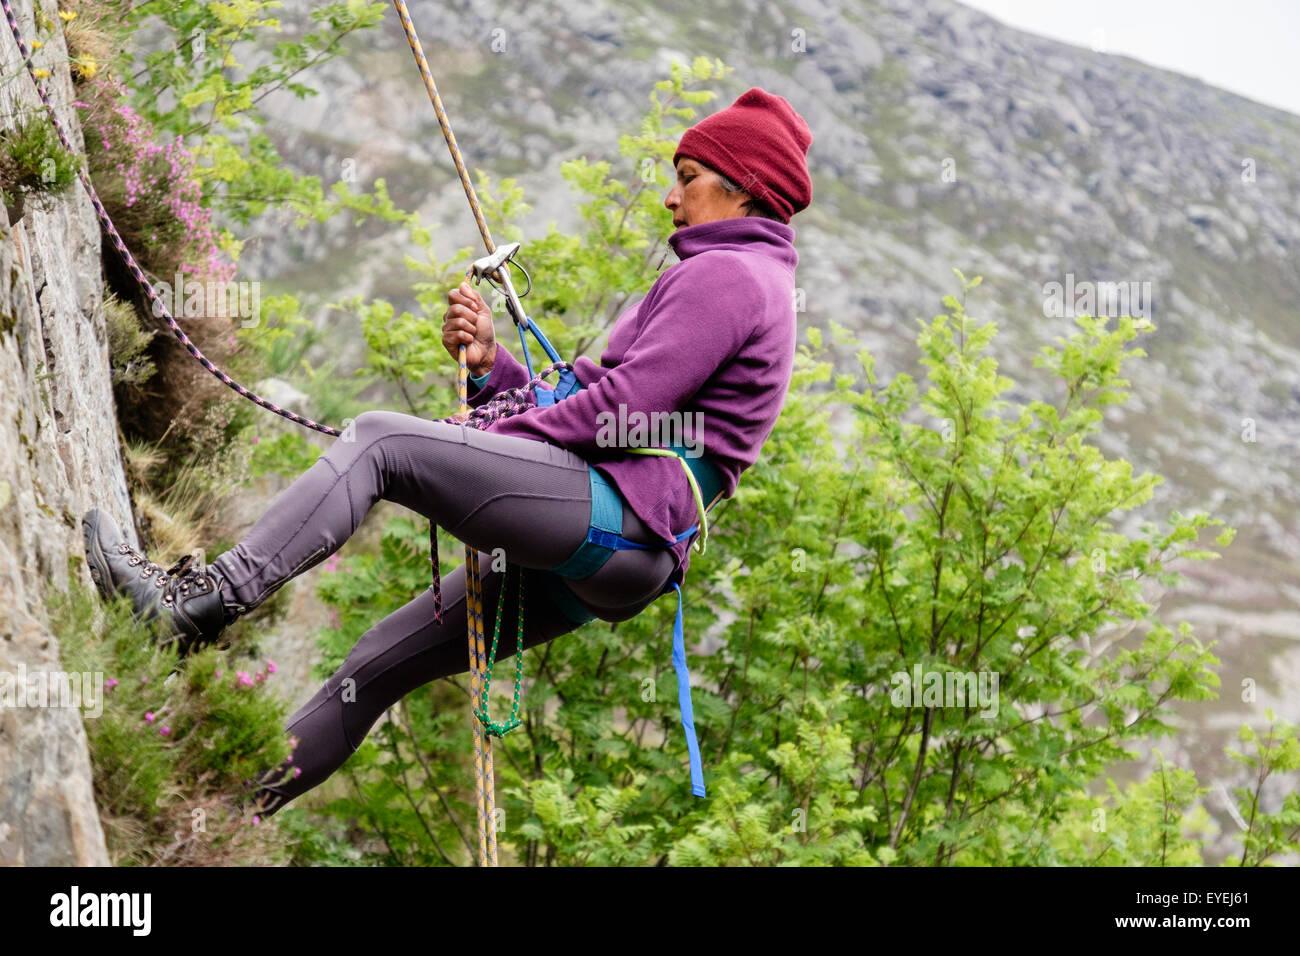 Klettergurt Sicherung : Weiblichen rock climber mit einem sicherungsseil und klettergurt